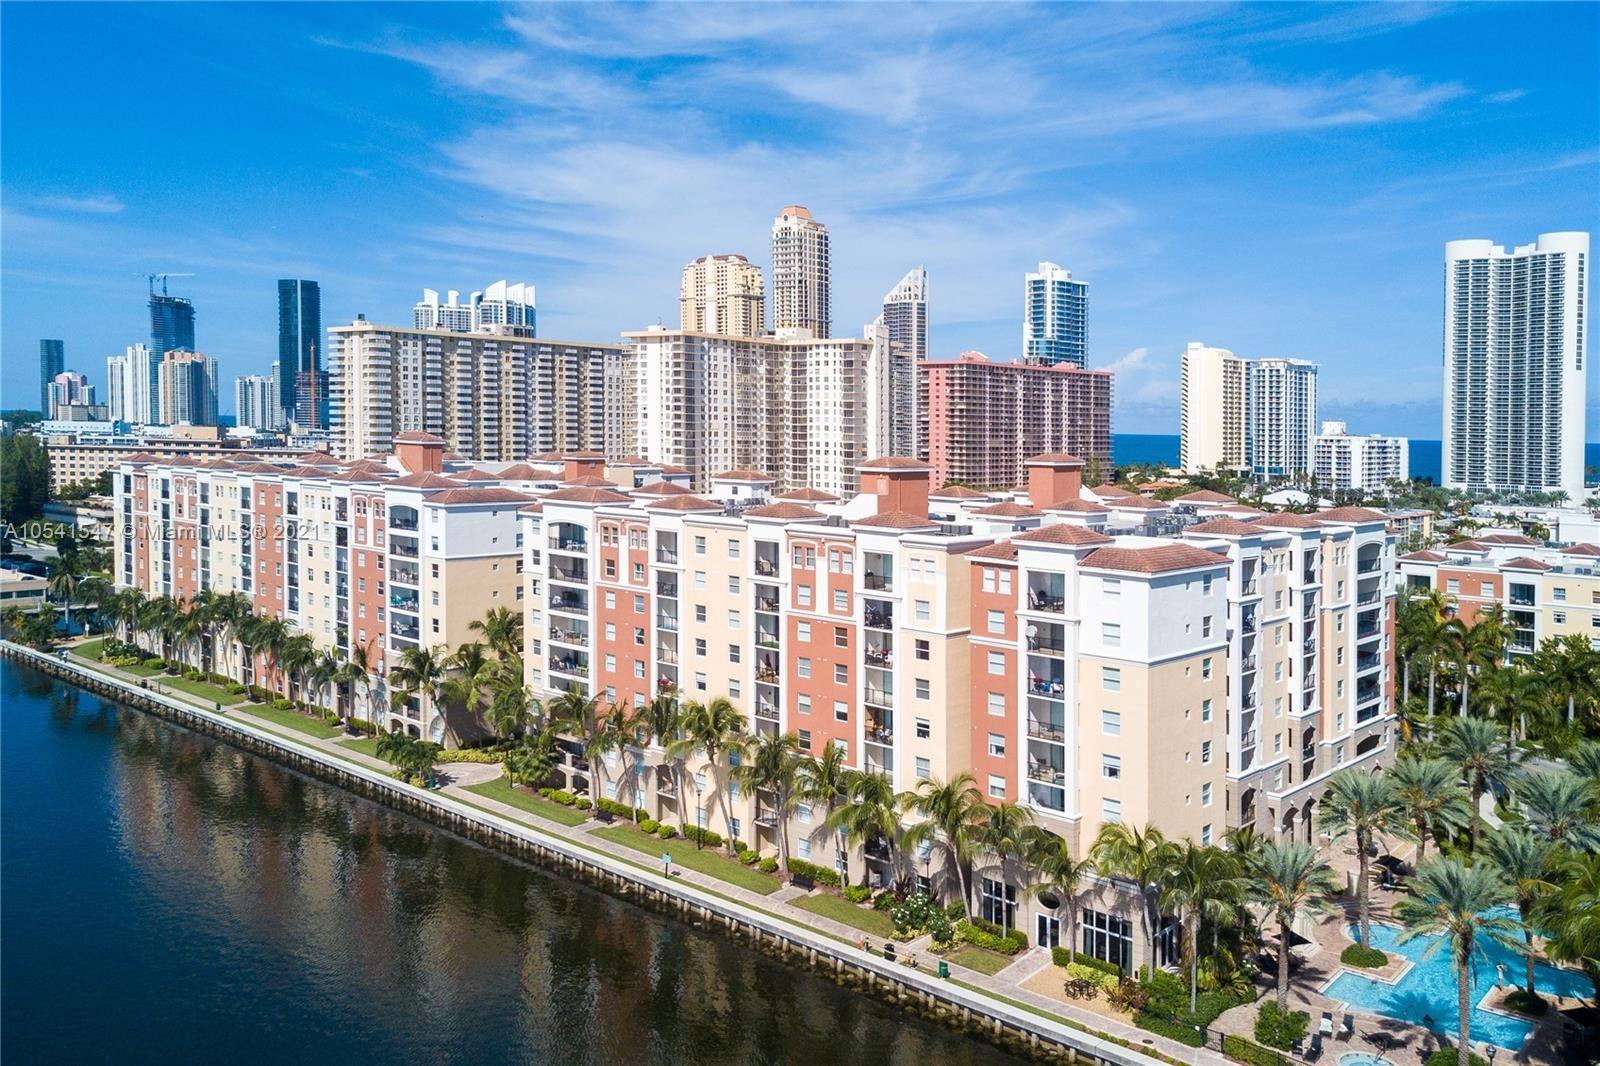 17150 N Bay Rd #2609, Sunny Isles, FL 33160 - #: A10541547